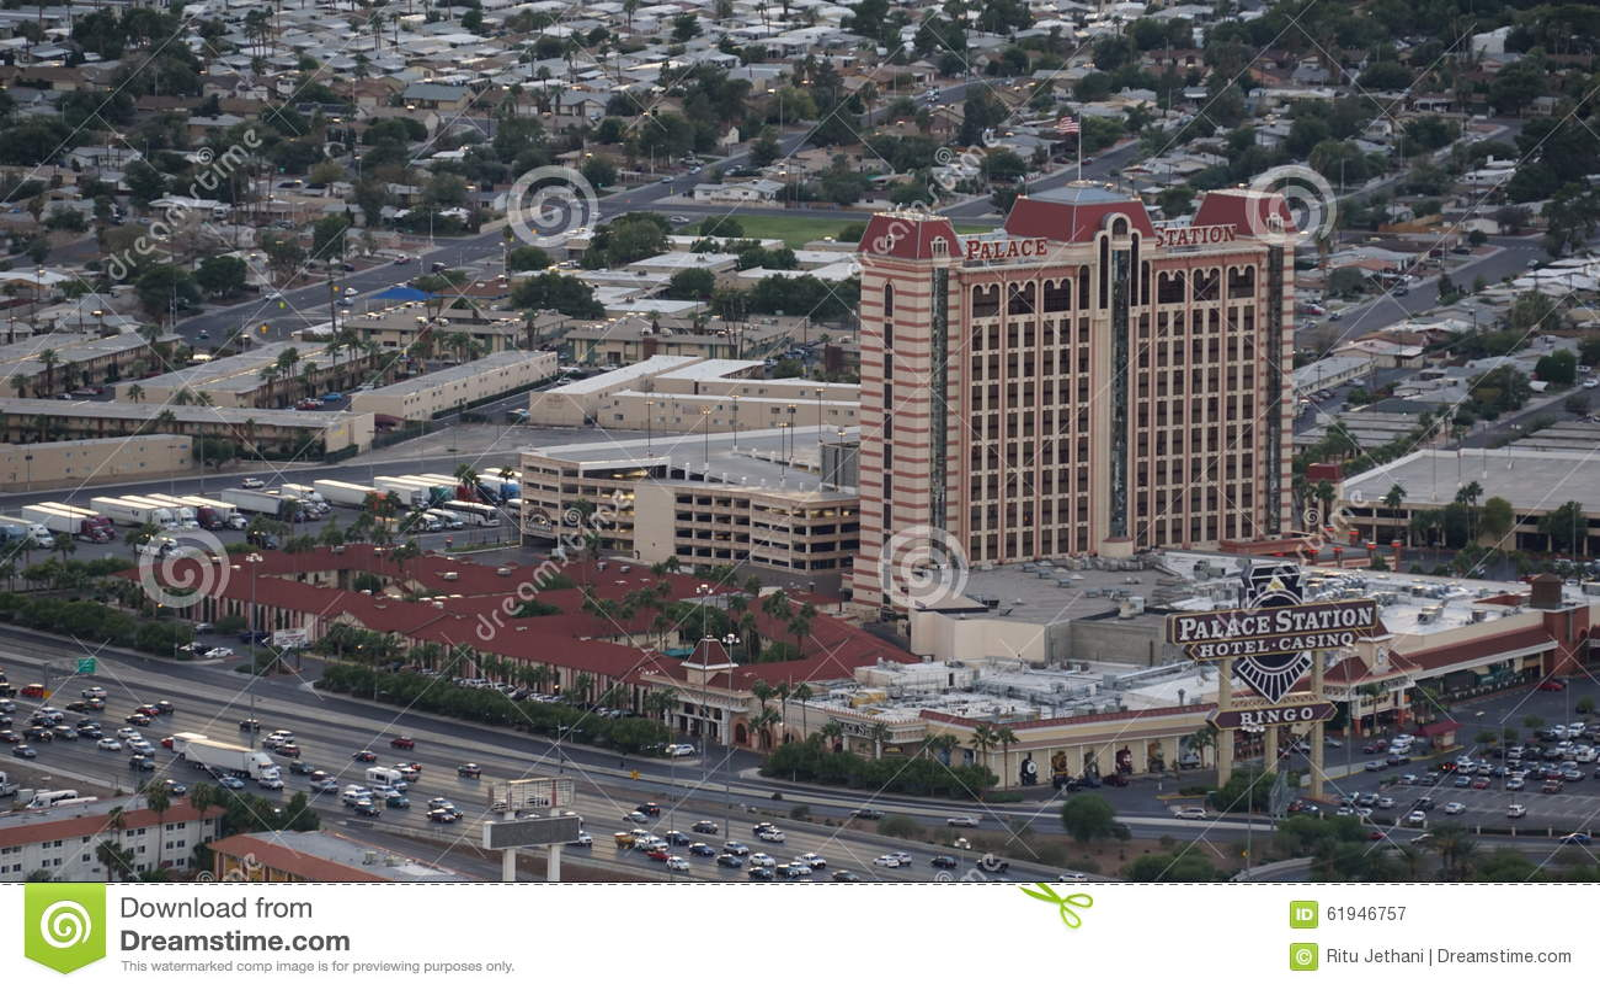 Palazzo casino location 15